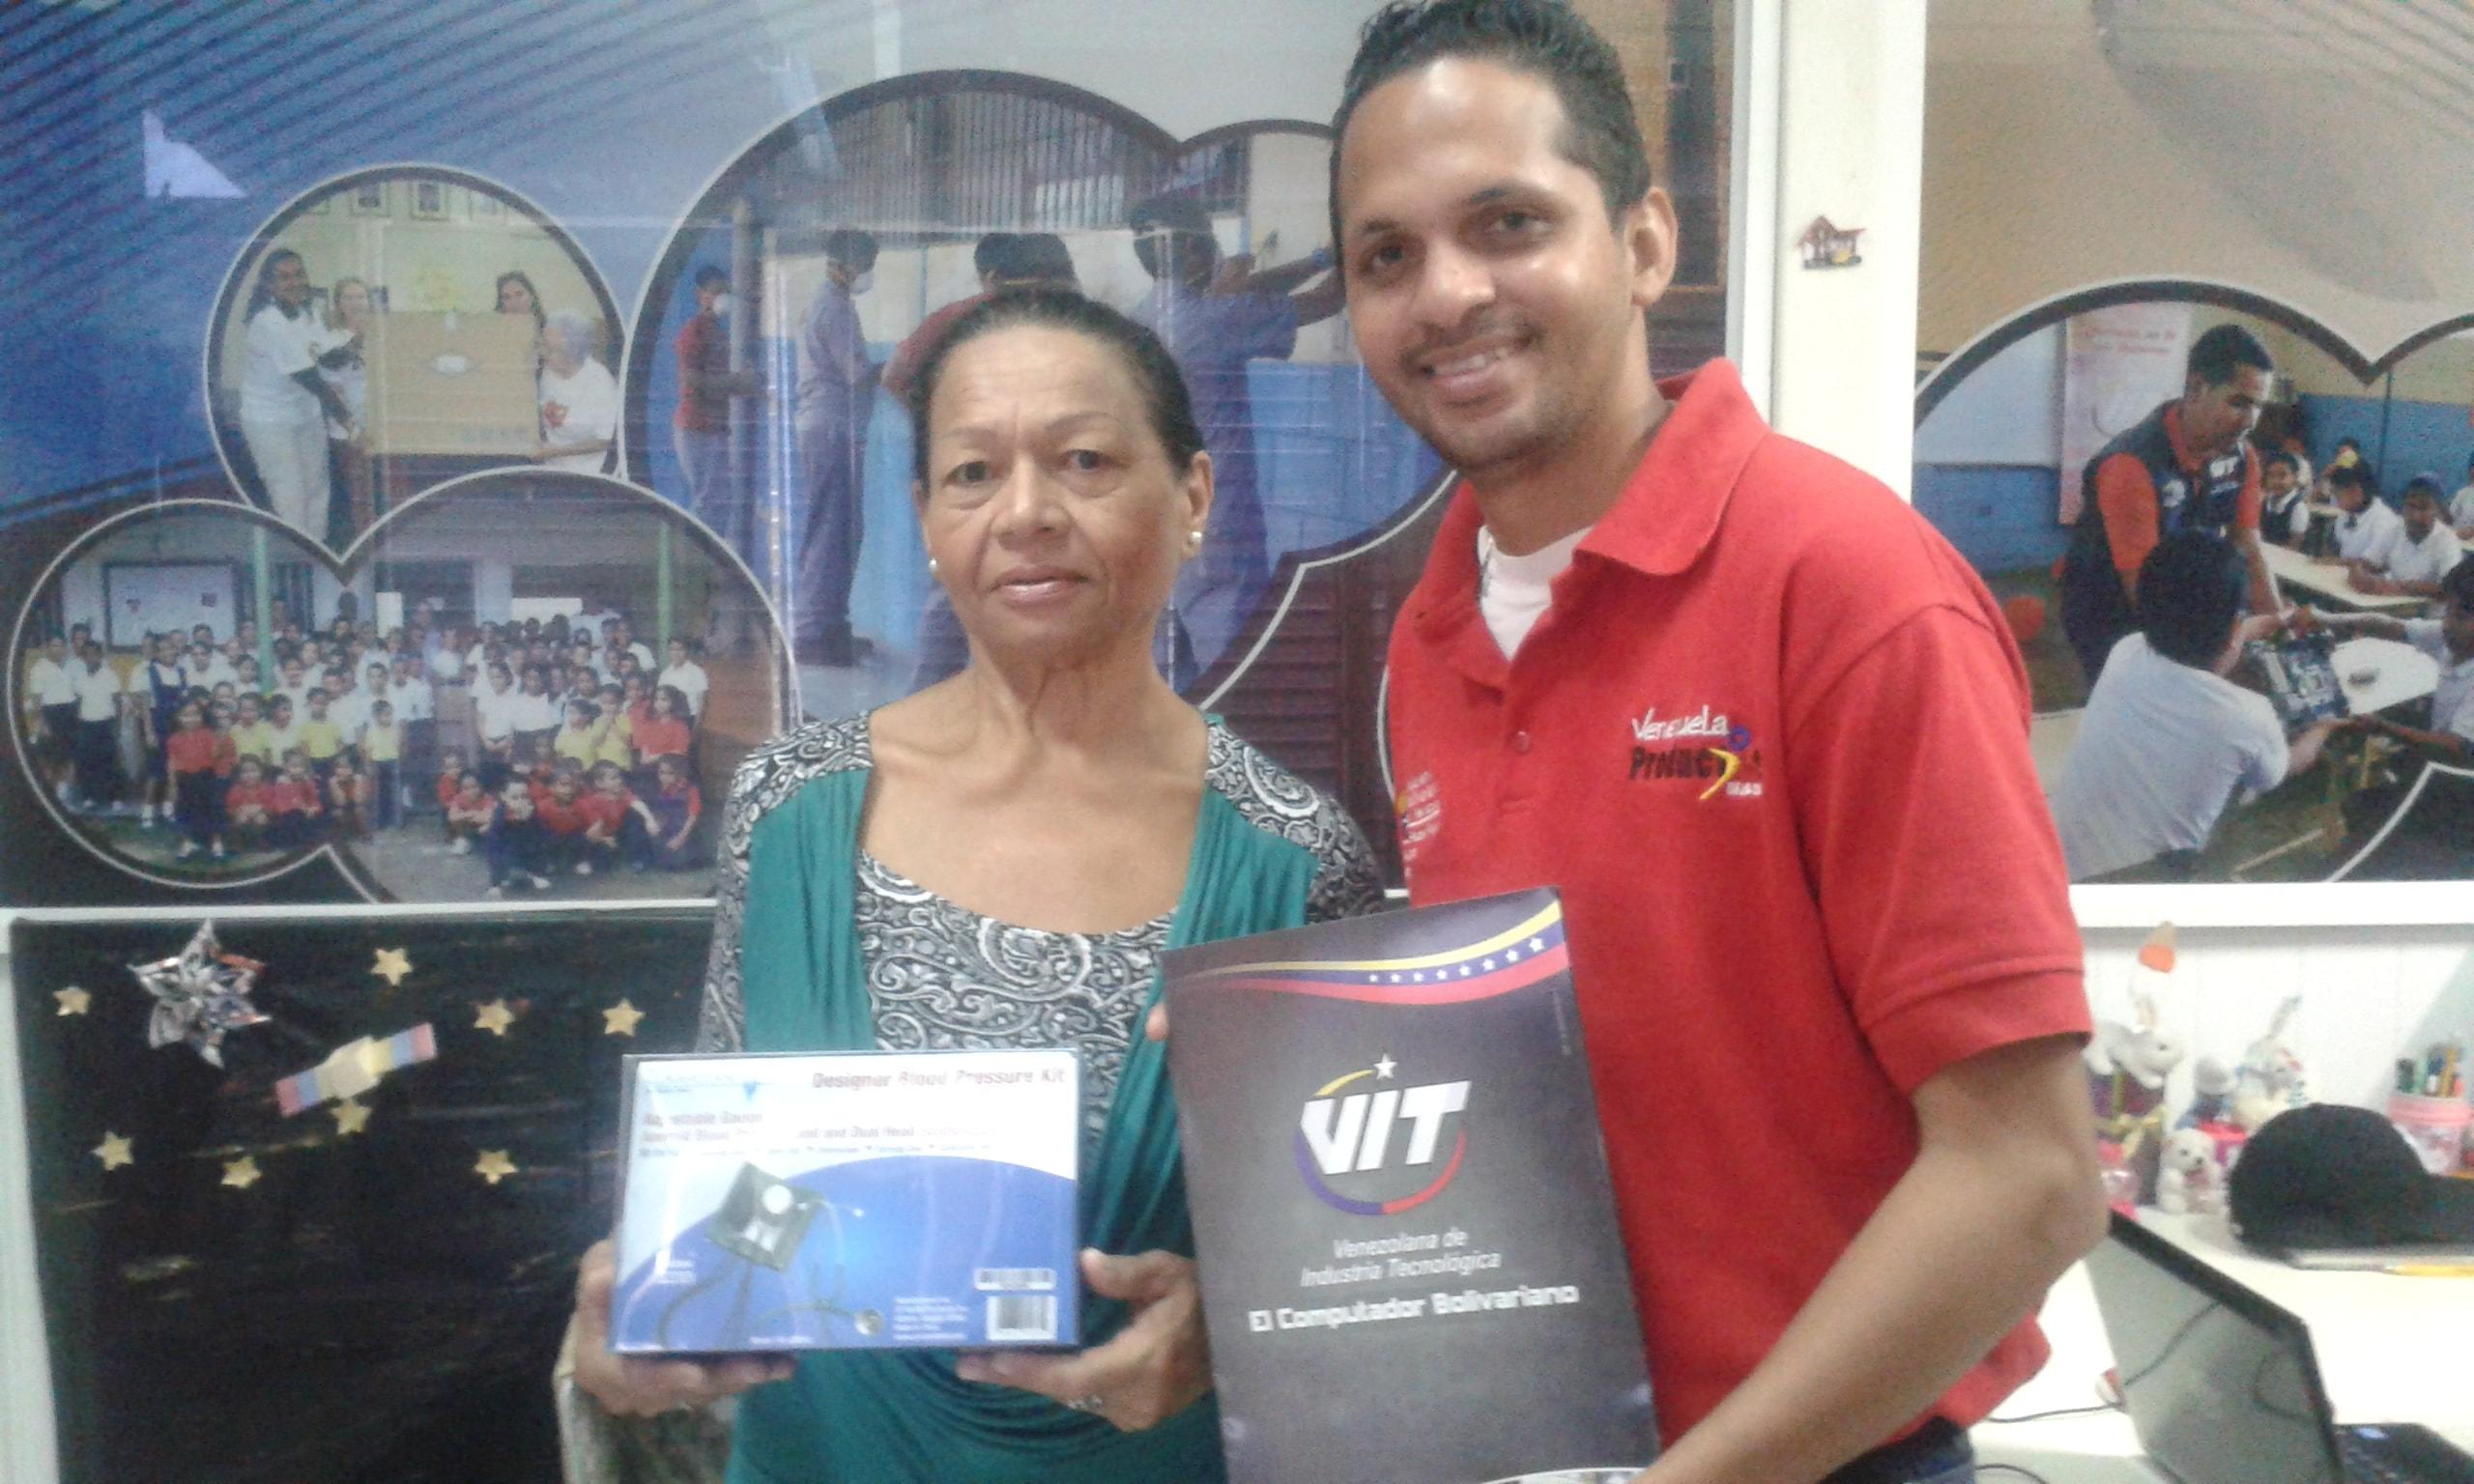 Labor social de VIT se extiende a más comunidades